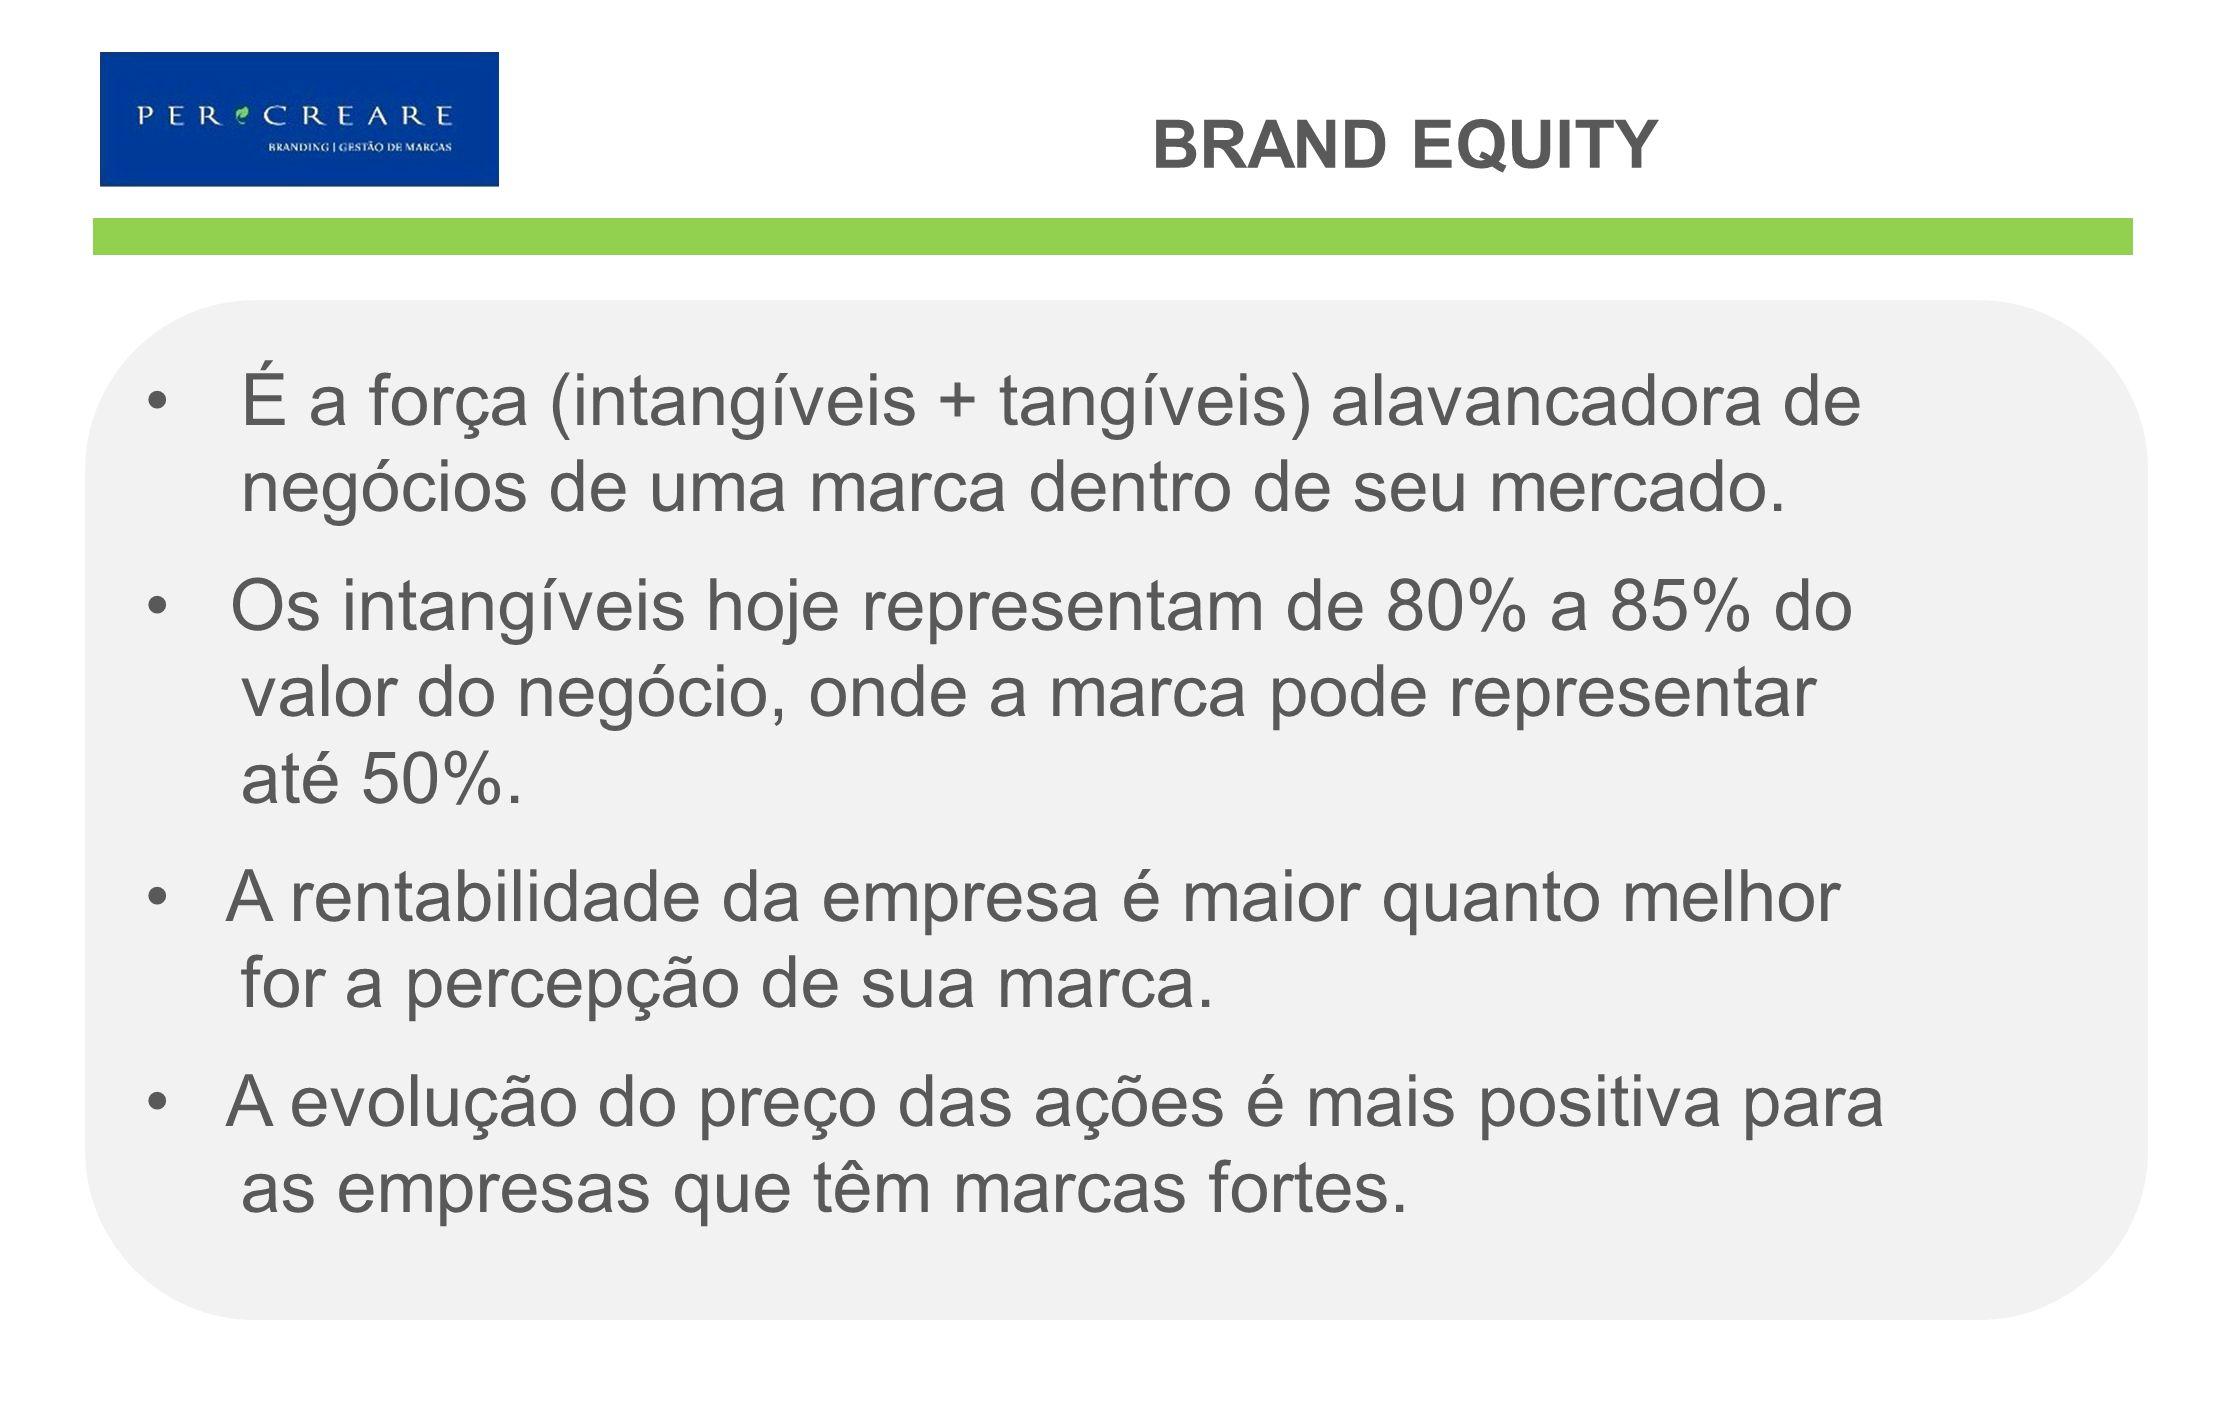 É a força (intangíveis + tangíveis) alavancadora de negócios de uma marca dentro de seu mercado. Os intangíveis hoje representam de 80% a 85% do valor